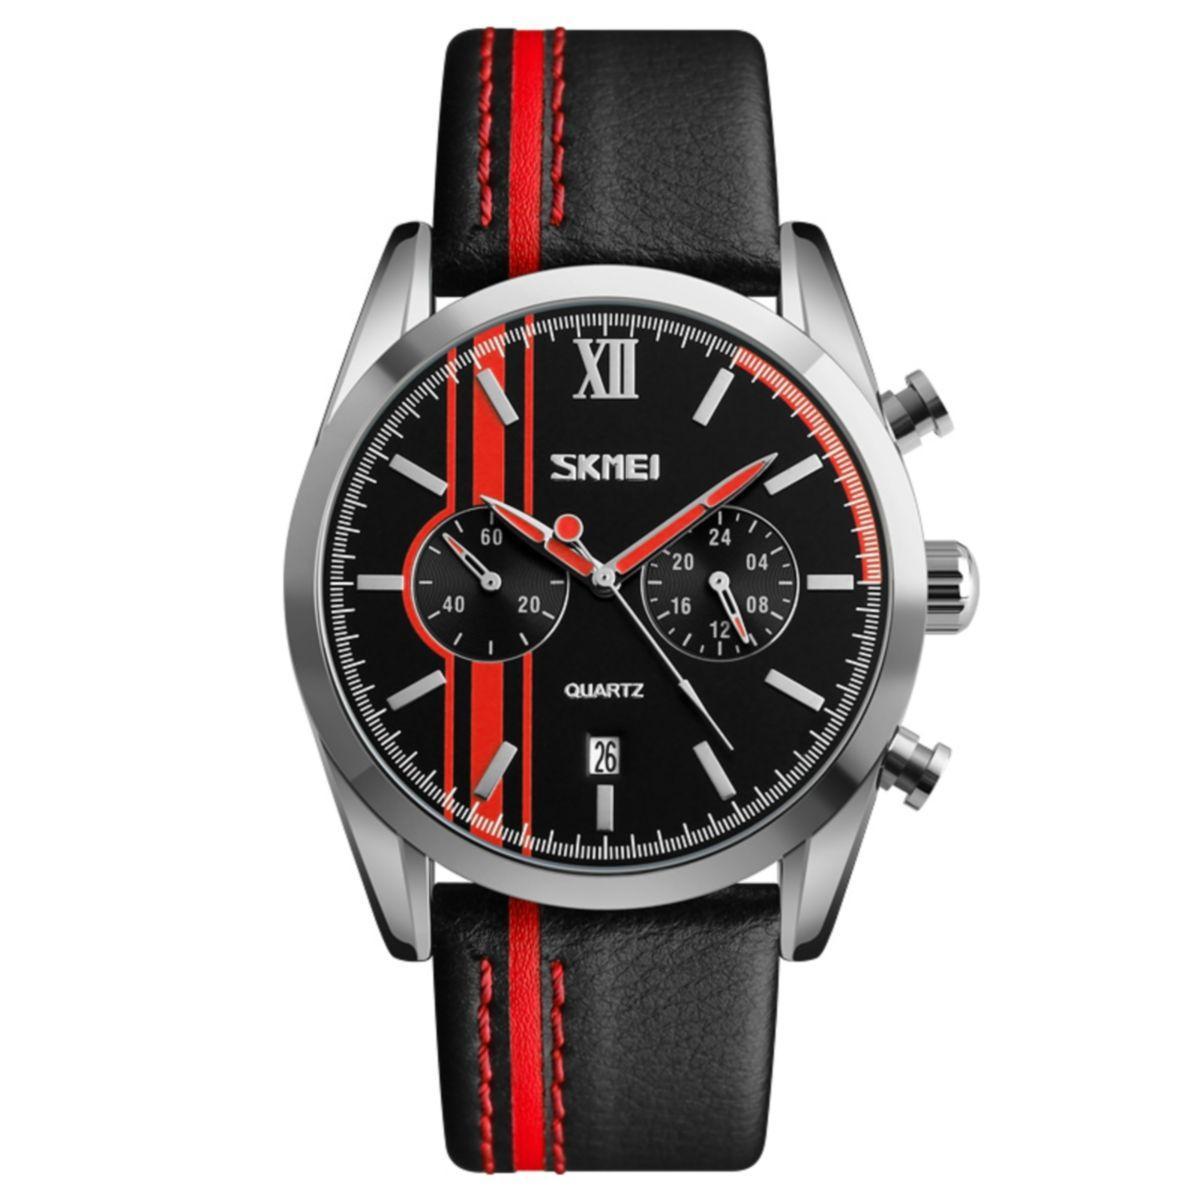 Часы Skmei 9148 BK- Red BOX (9148BOXBKR)